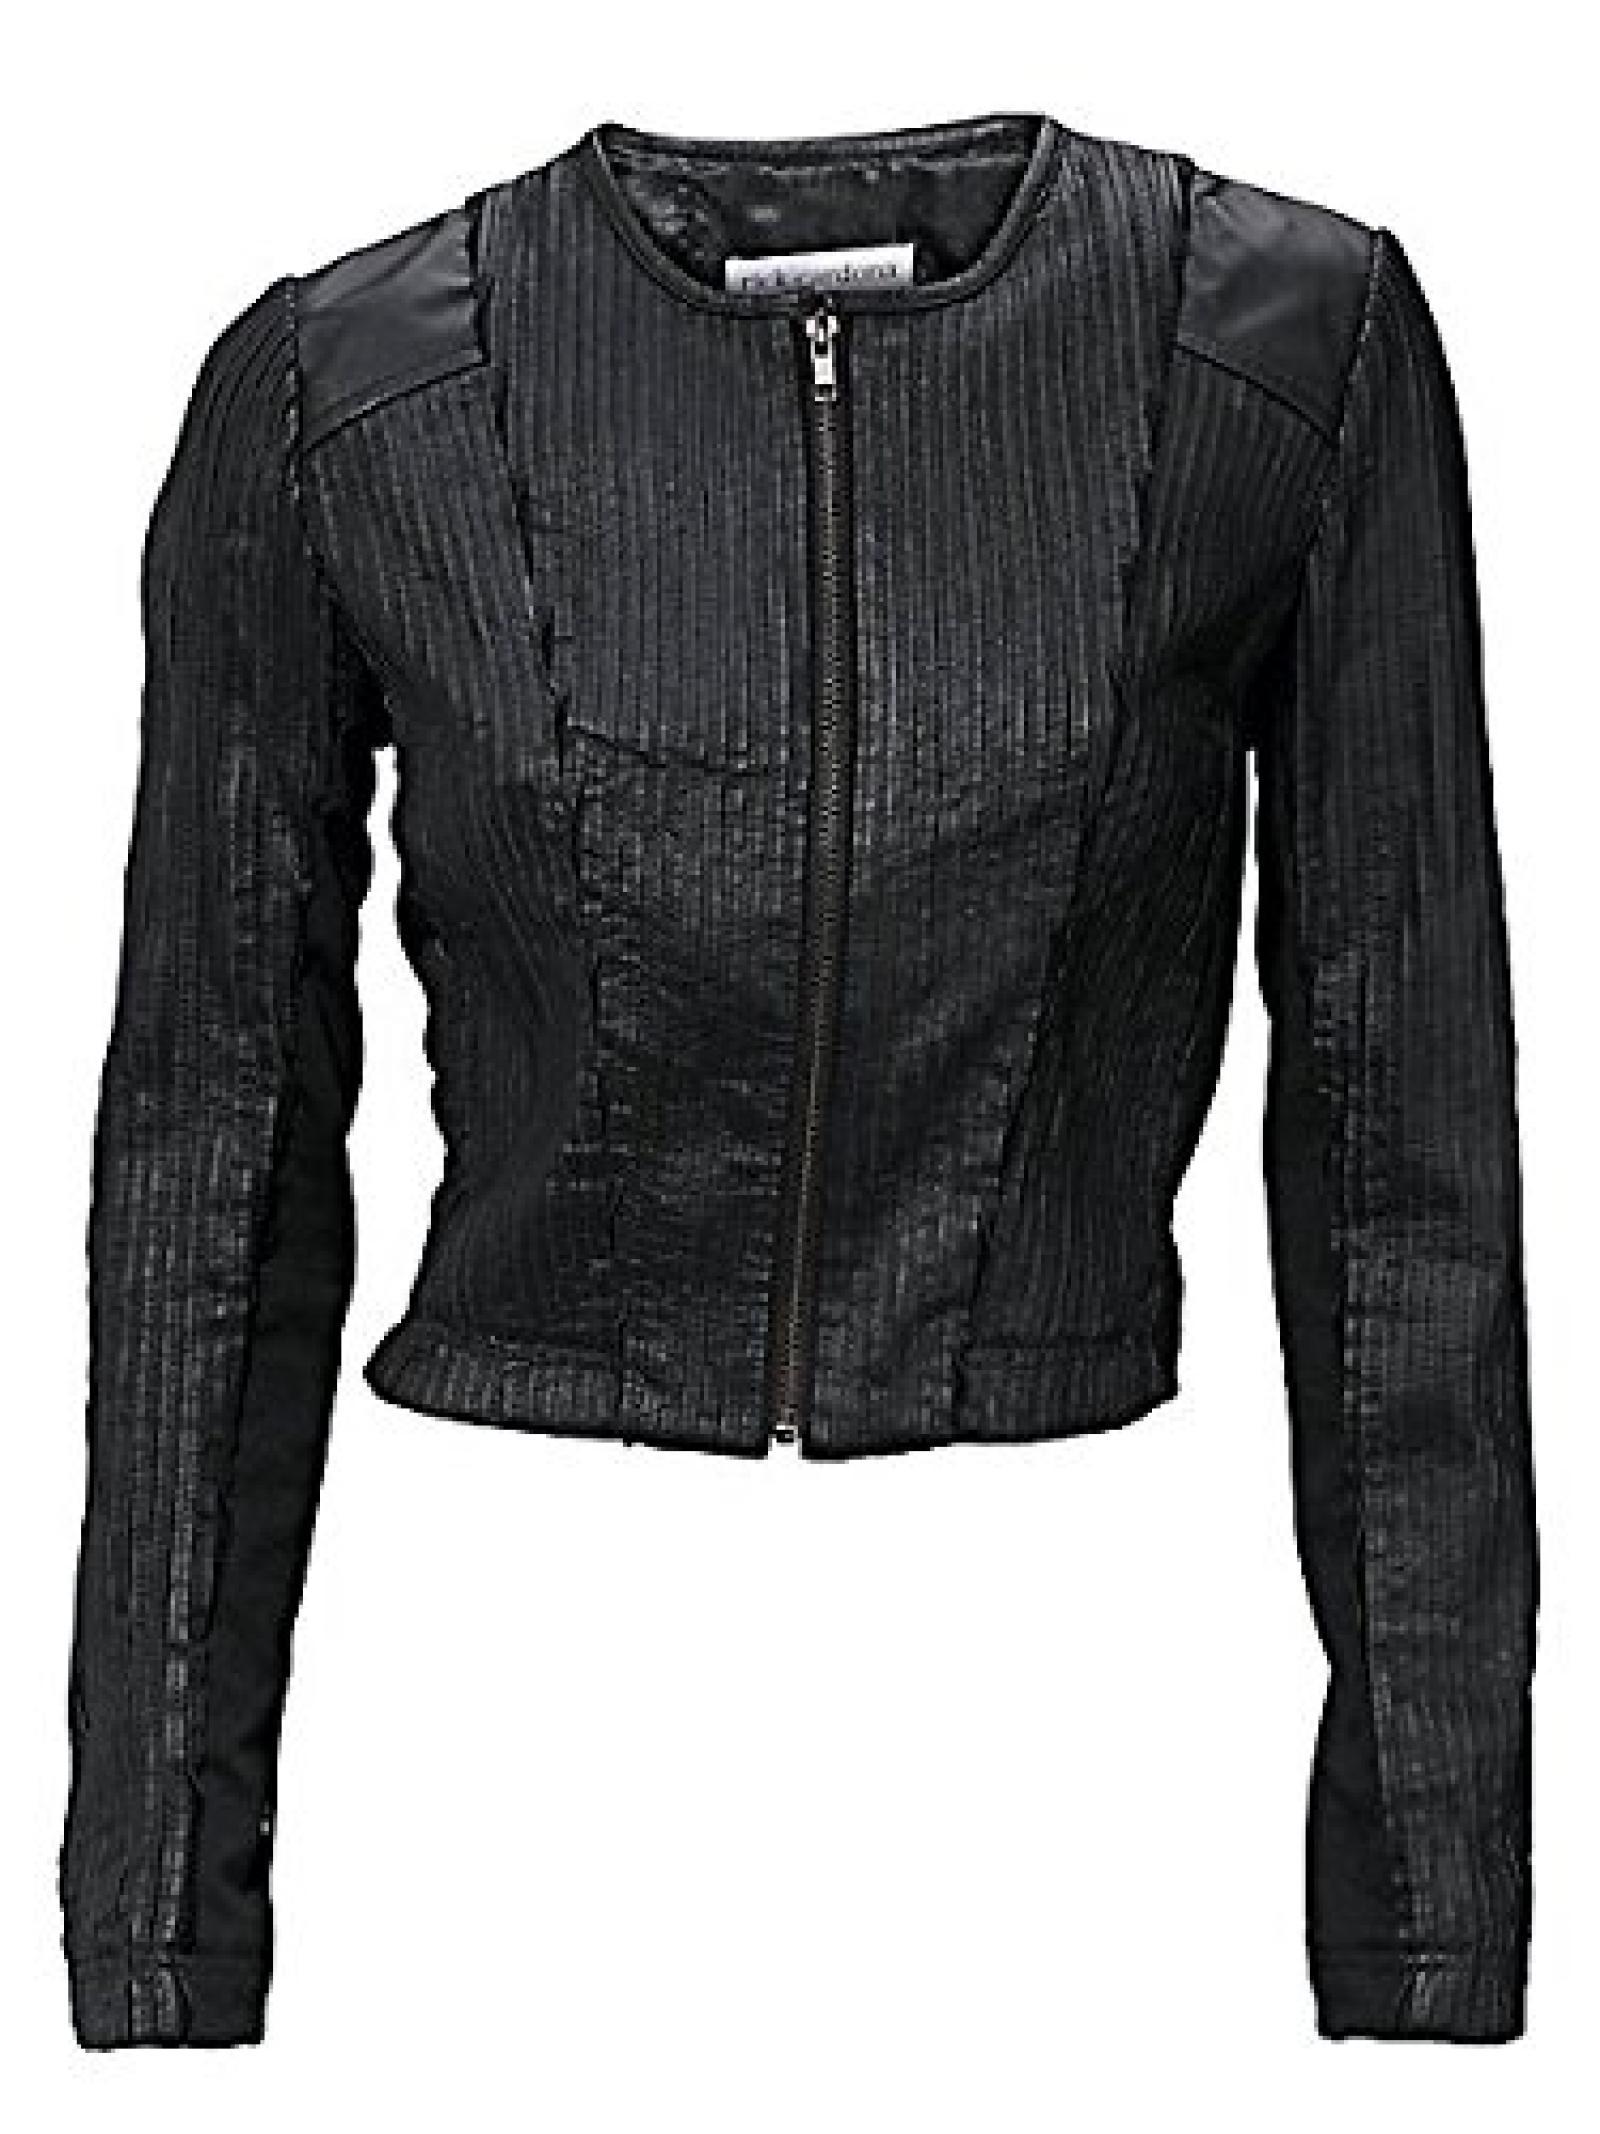 Damen RICK CARDONA Lederjacke in schwarz - Größe: 42